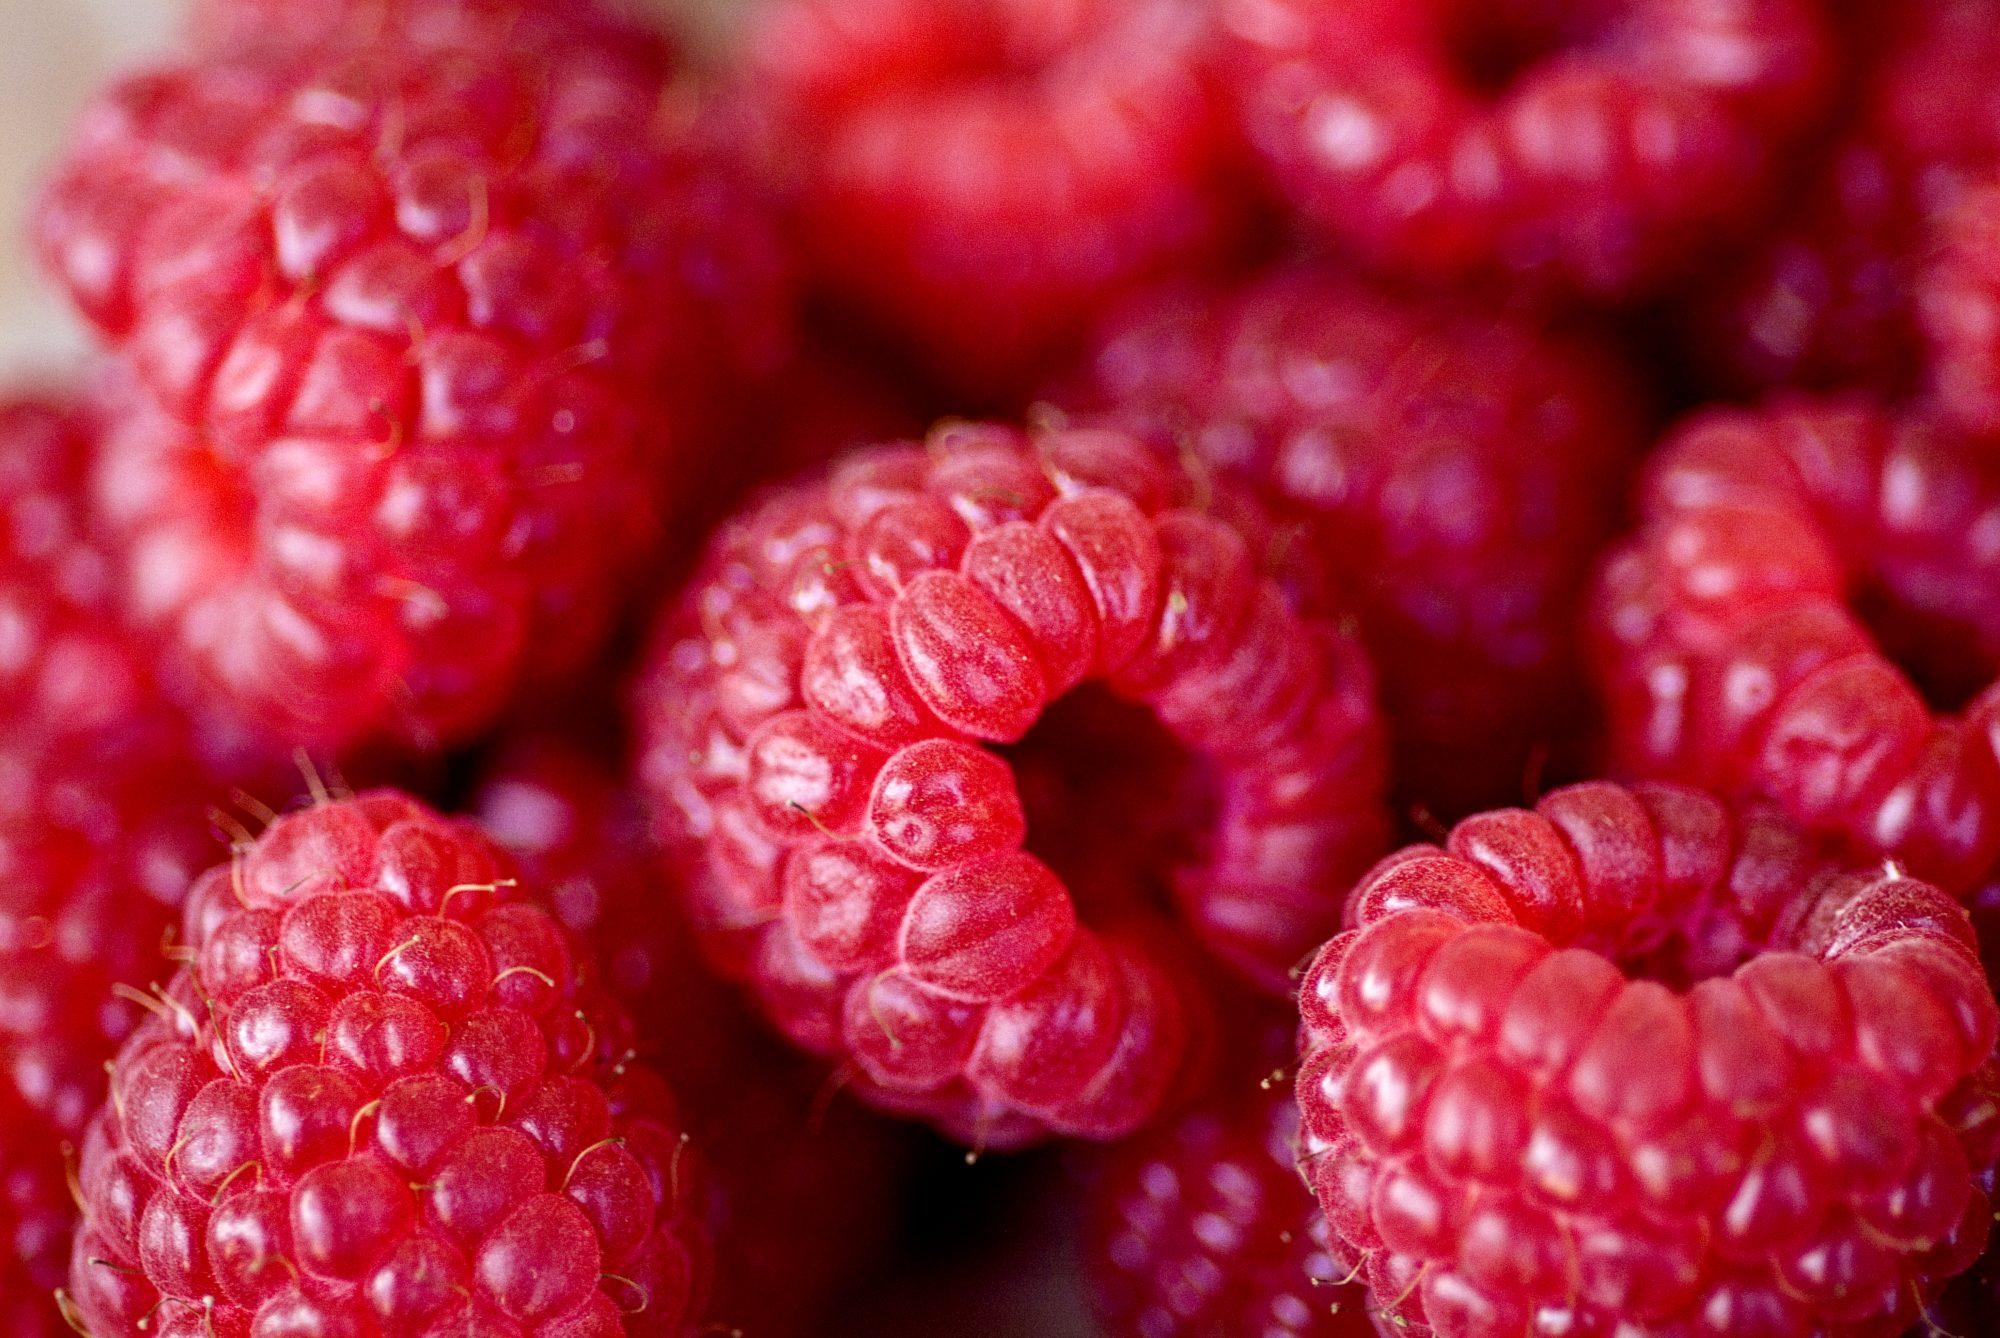 Raspberries Getty 7/29/20